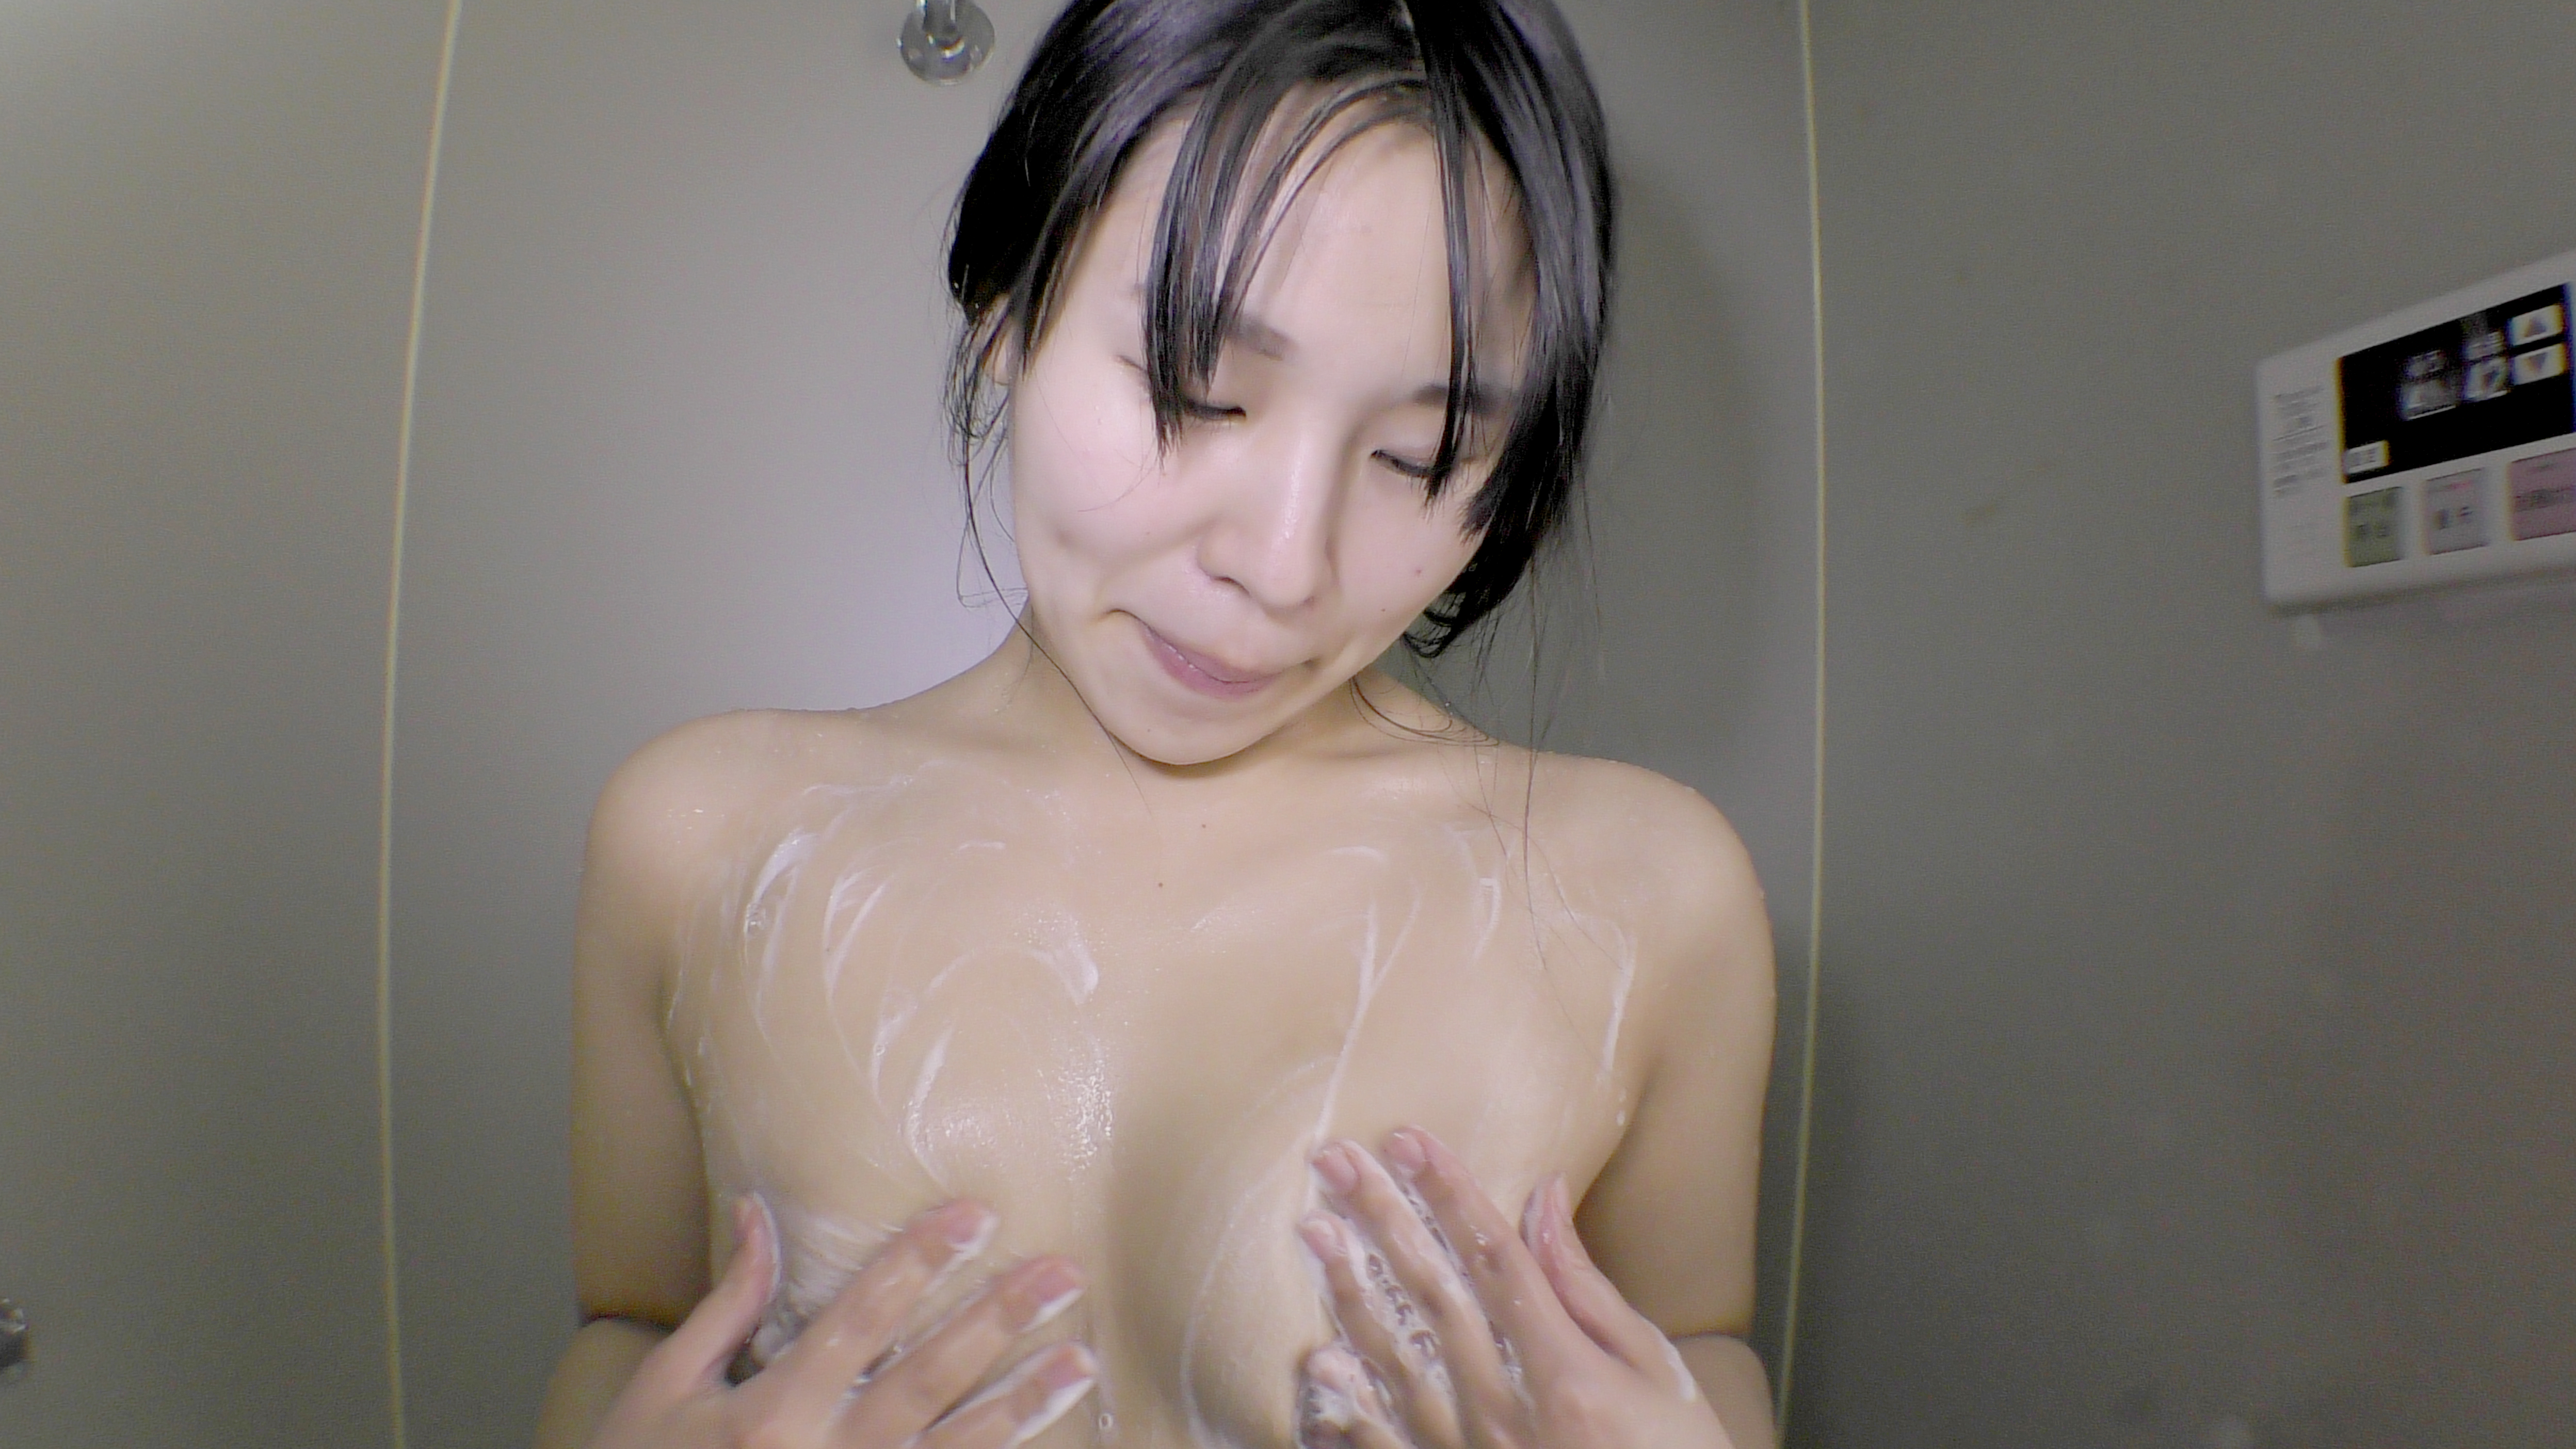 カラダを洗う しんぴな娘たち 10